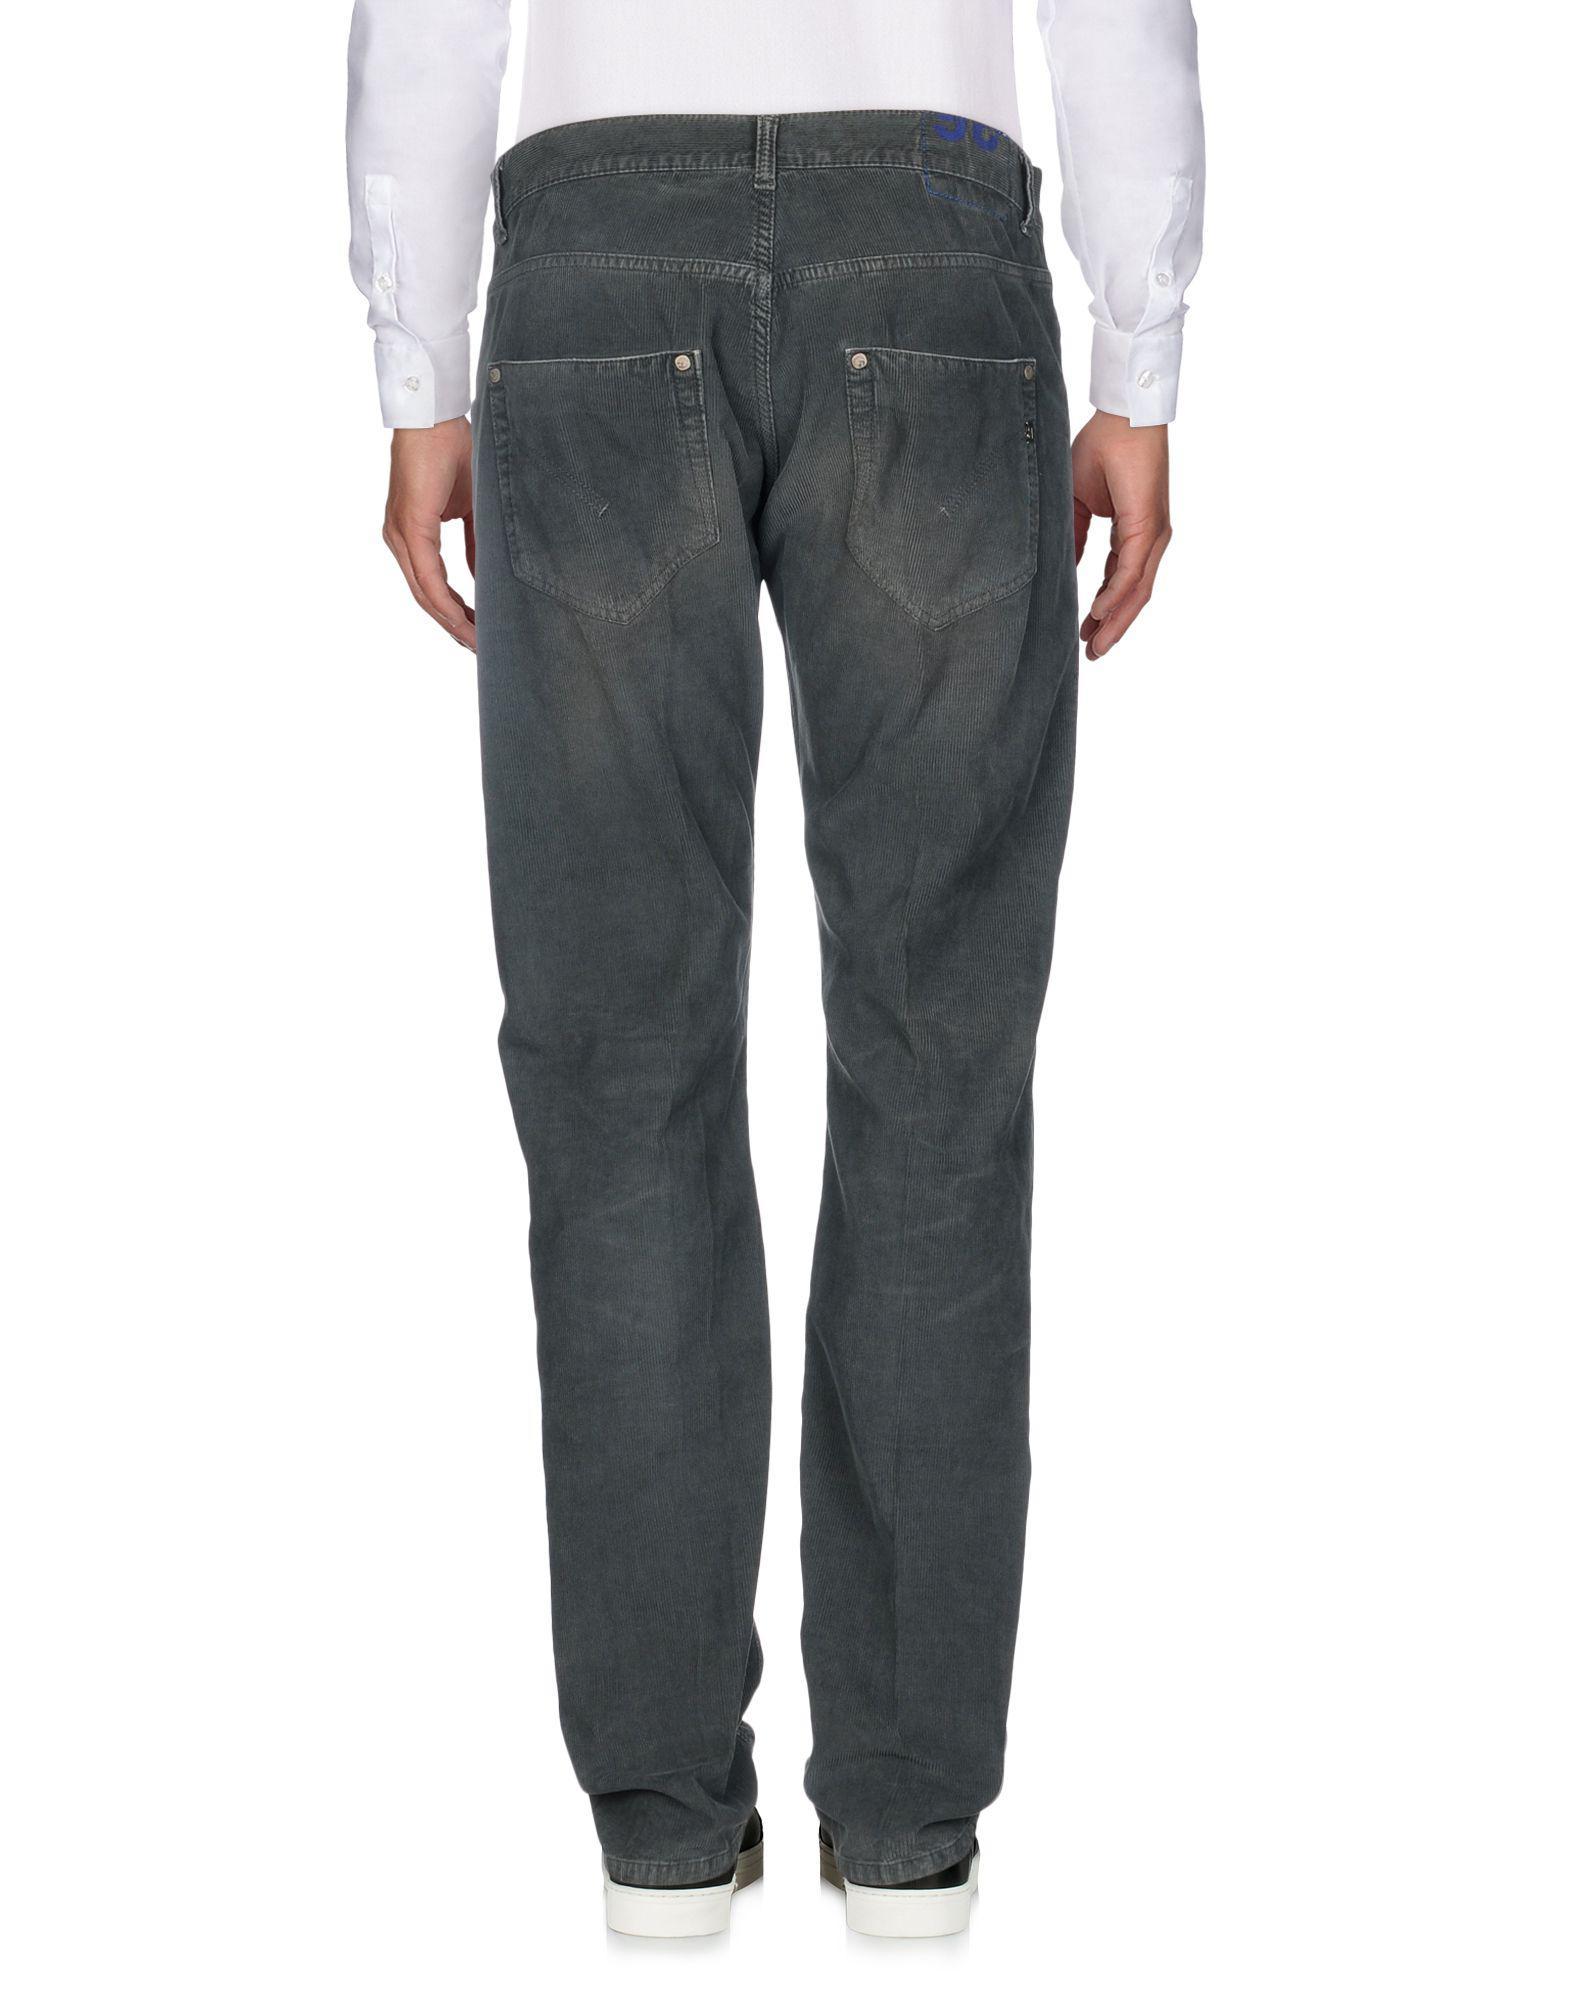 Dondup Velvet Casual Trouser in Lead (Grey) for Men